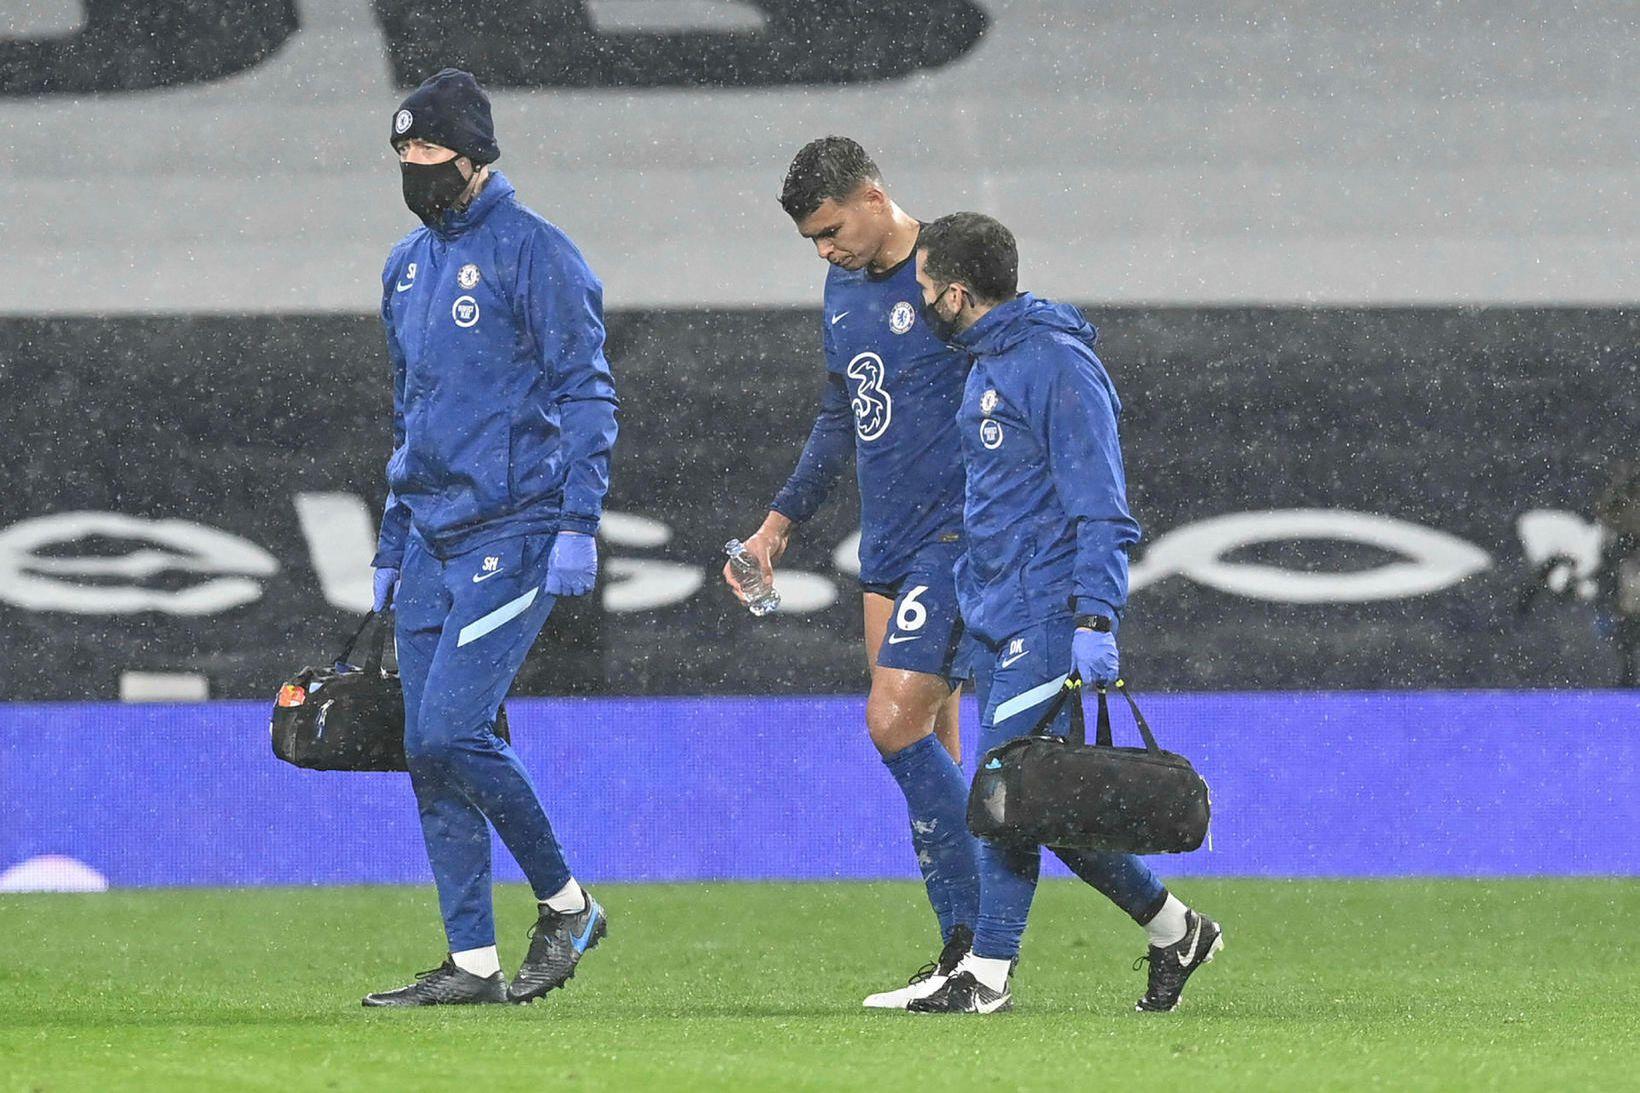 Thiago Silva röltir meiddur af velli í leiknum við Tottenham …